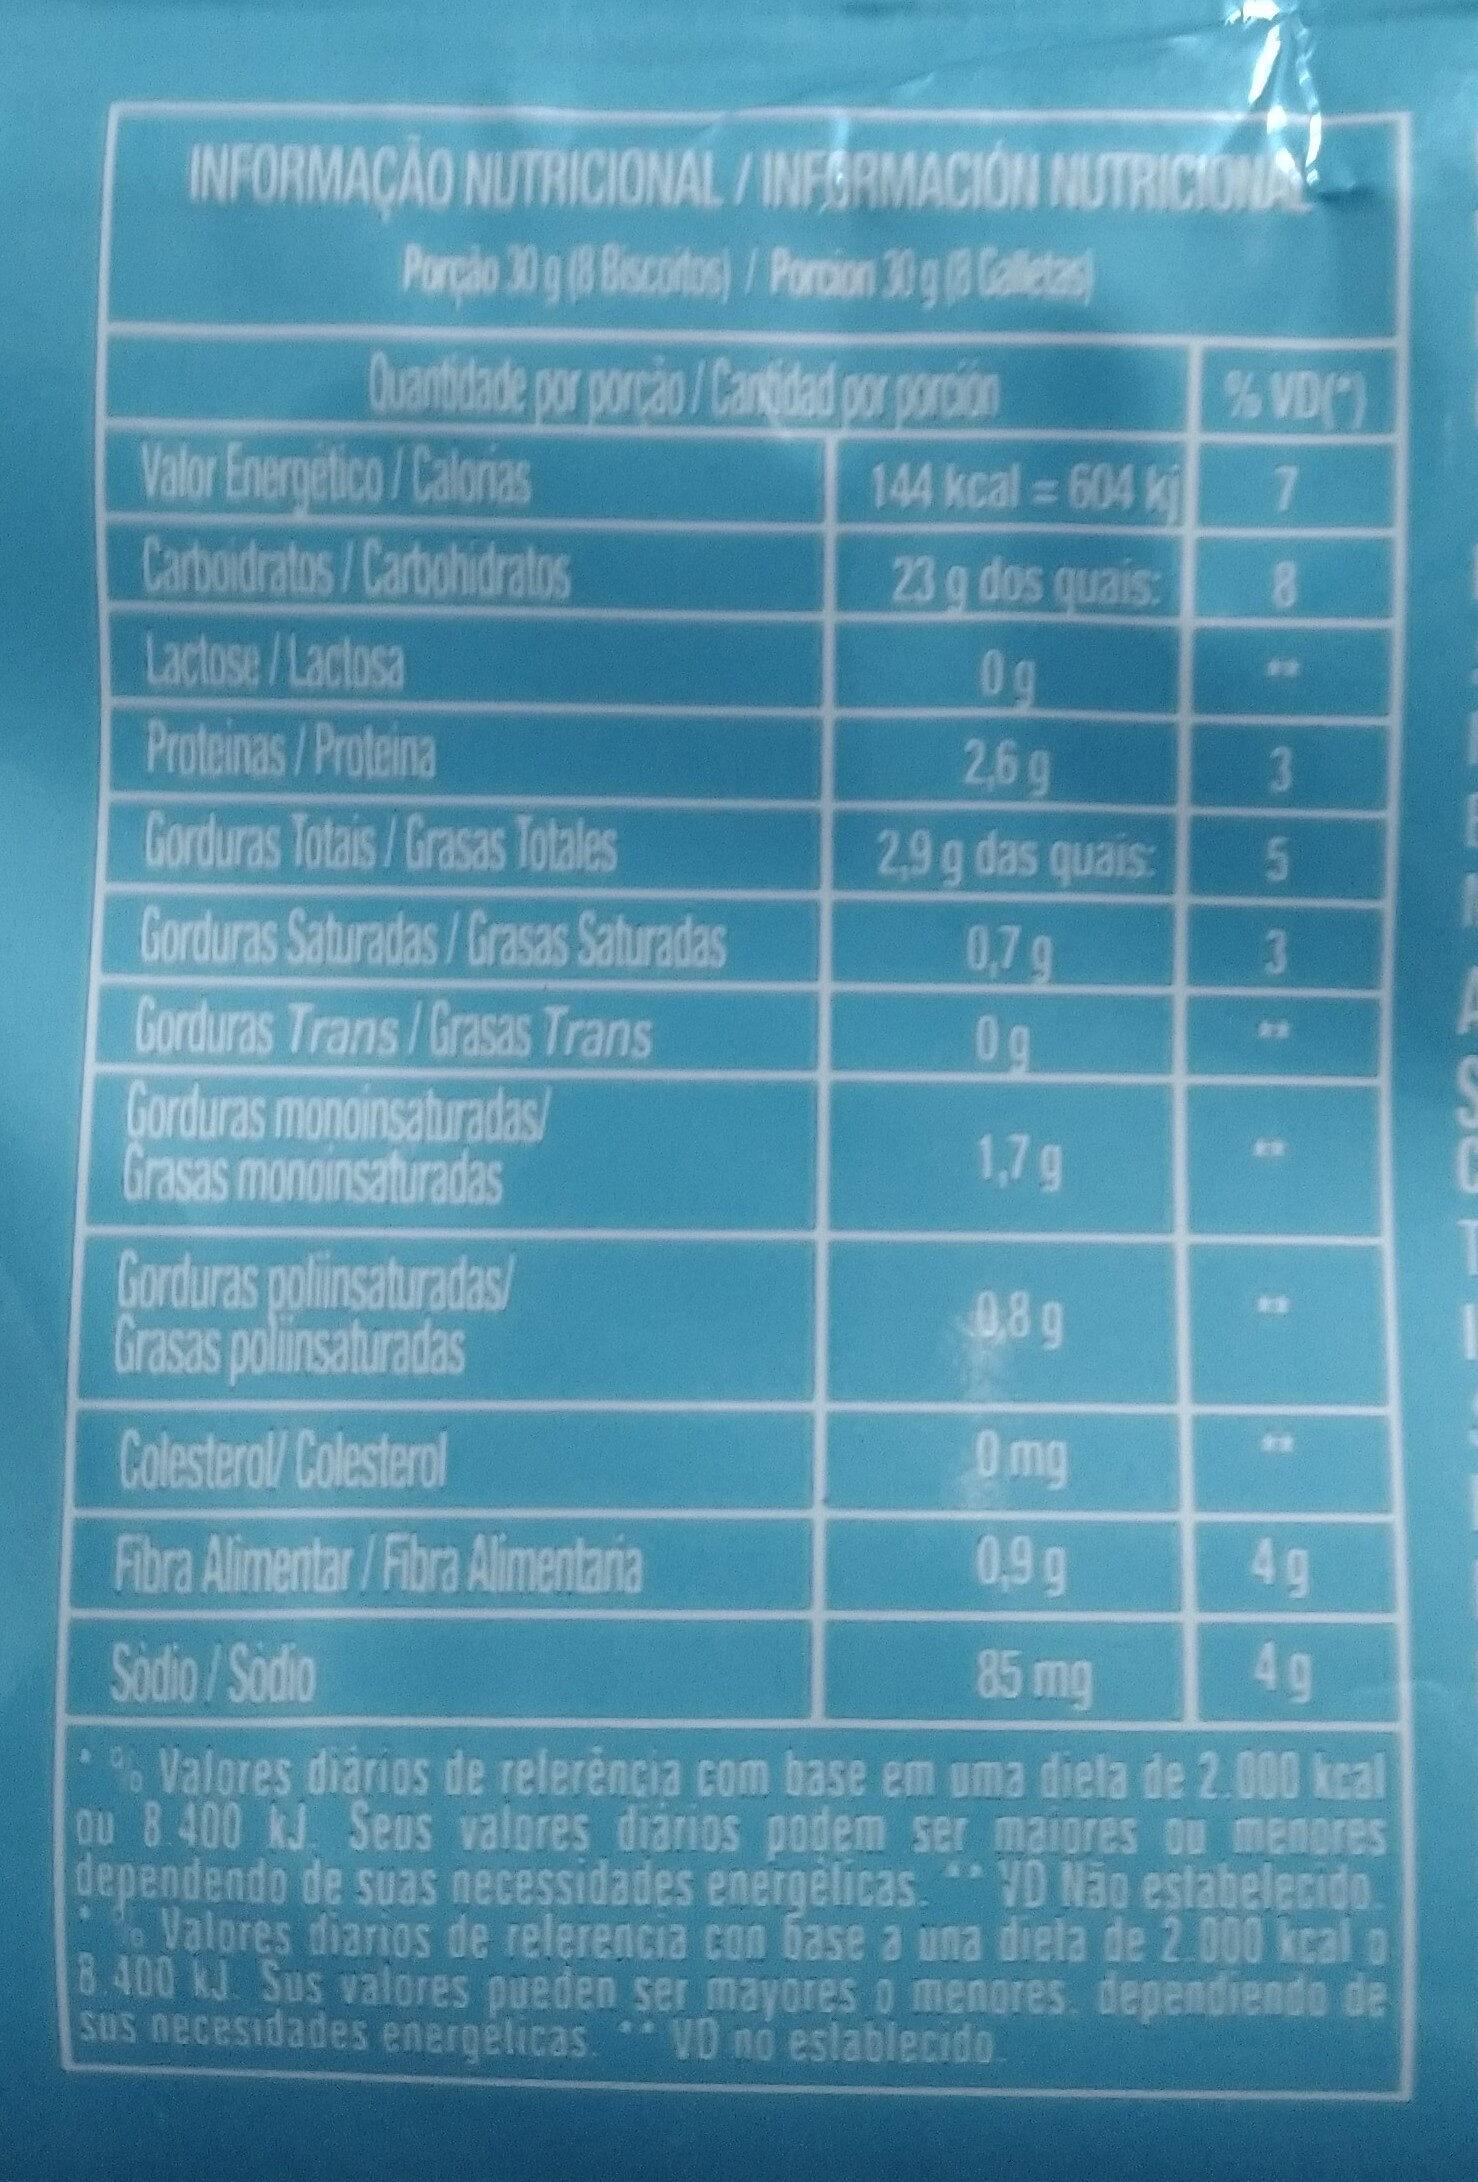 Biscoito doce amanteigado sabor artificial de leite - Informação nutricional - pt